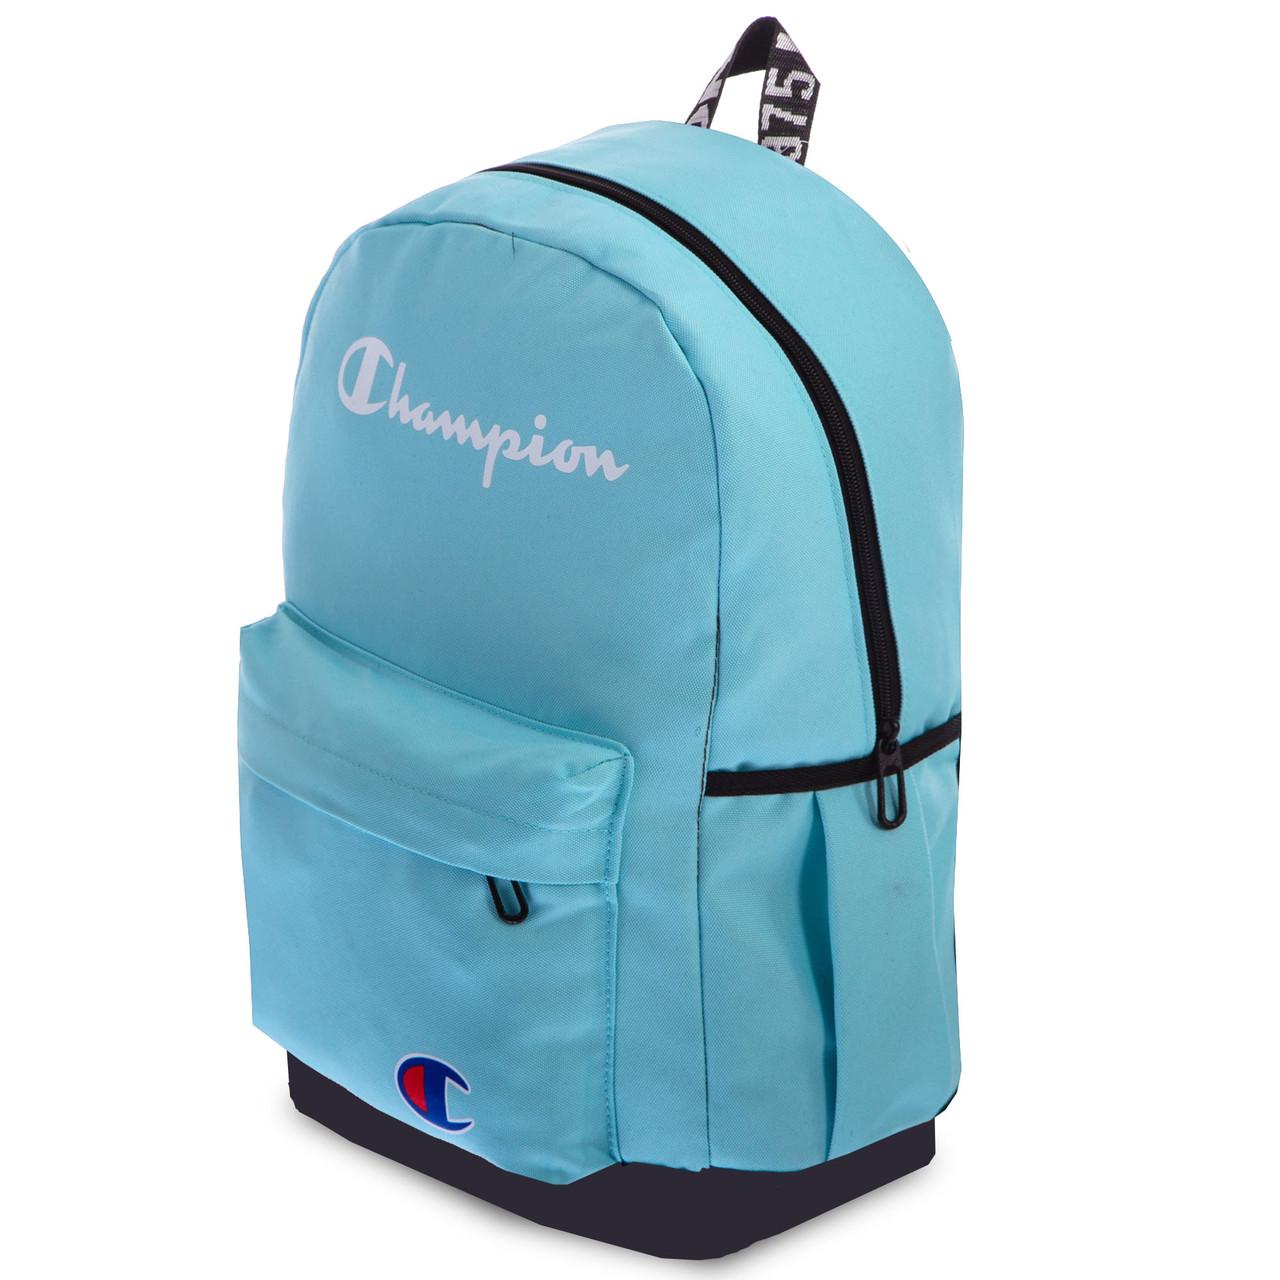 Рюкзак городской Champion (PL, 44x31x15см) Голубой PZ-205_1